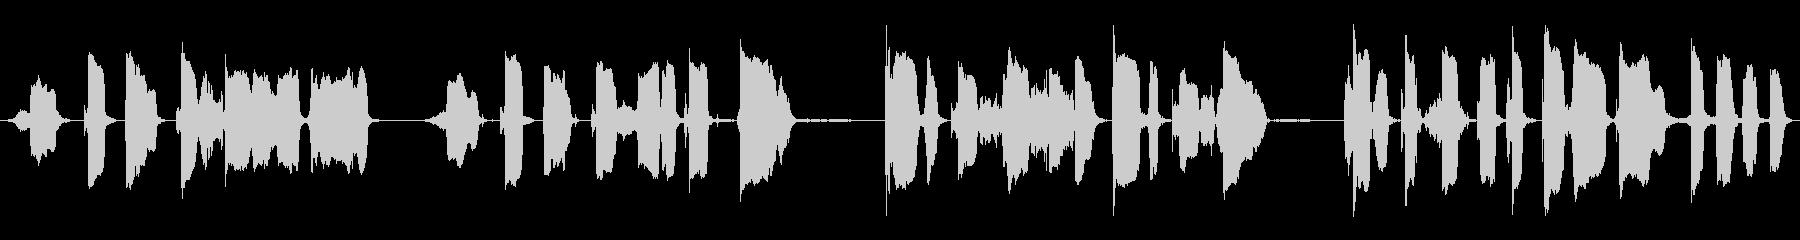 リトル・レッド・モンスター:ハンプ...の未再生の波形